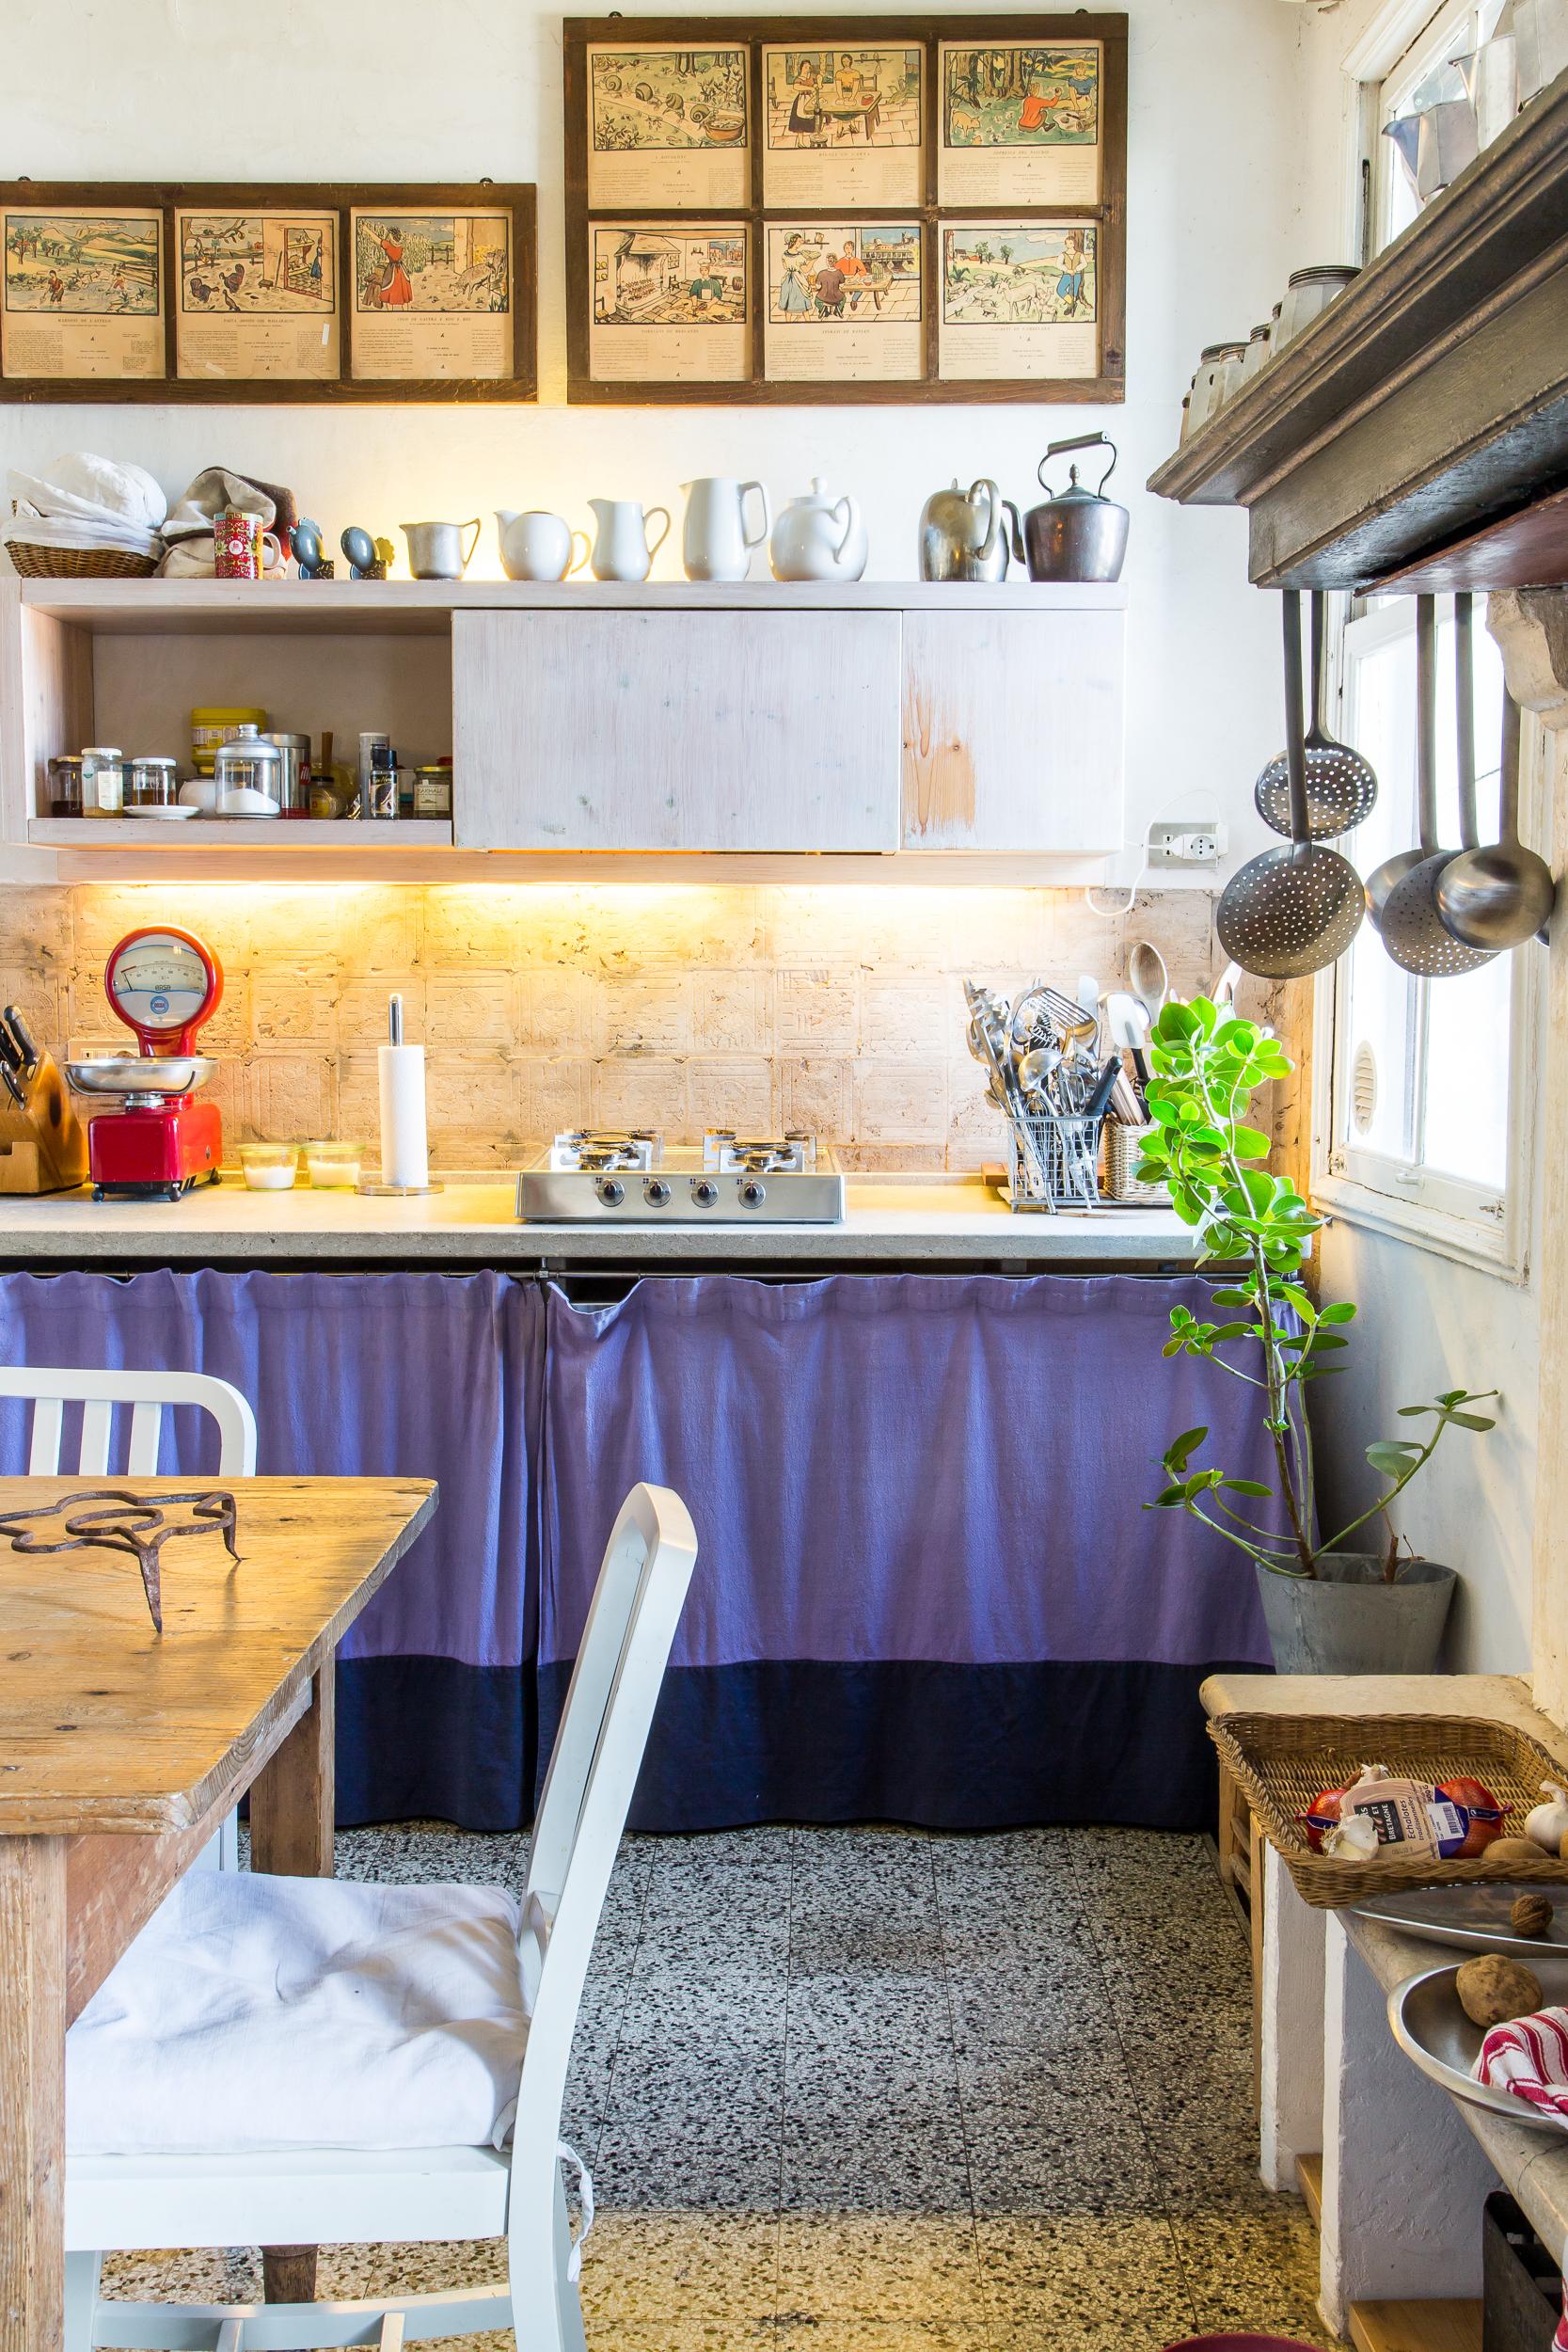 Un'altra immagine prospettica della cucina, luogo in cui famigliarità, creatività e design si fondono su molteplici dimensioni.